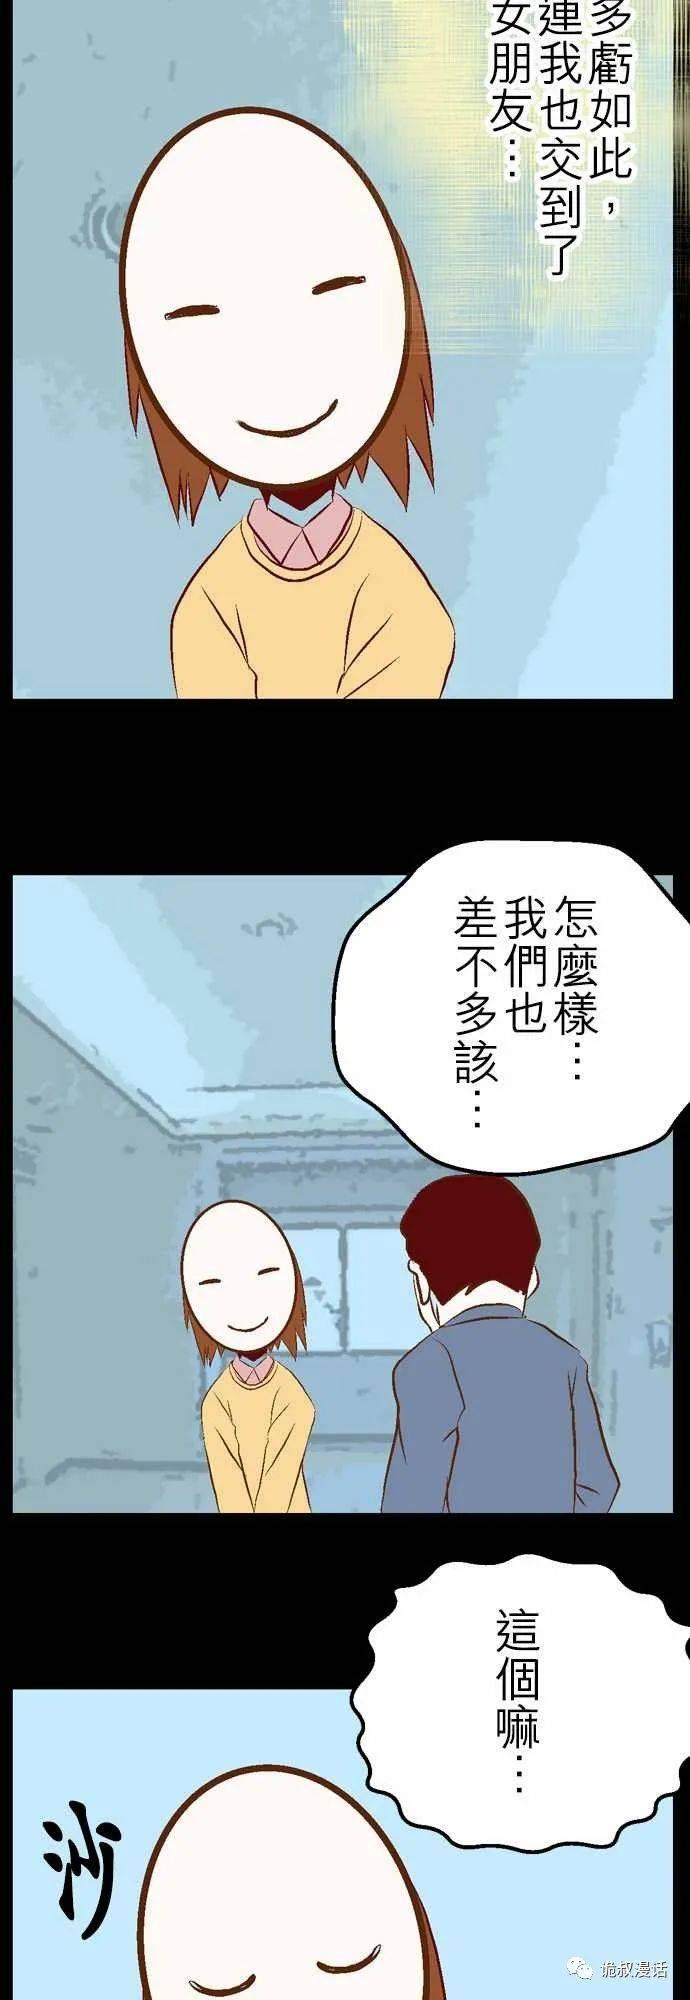 笑着无奈的动漫图片